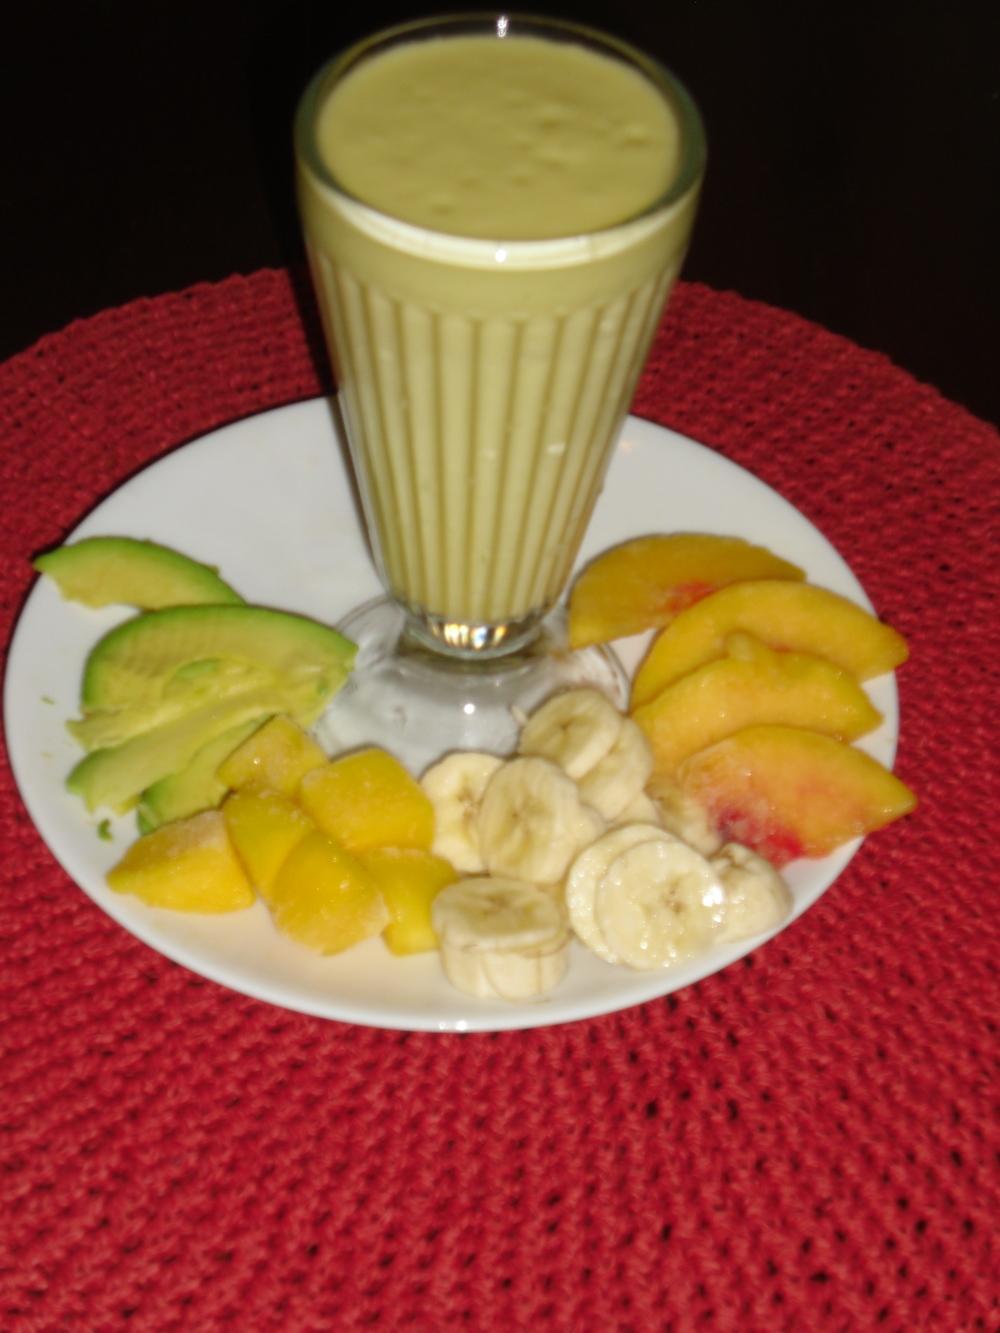 avocado midday delight